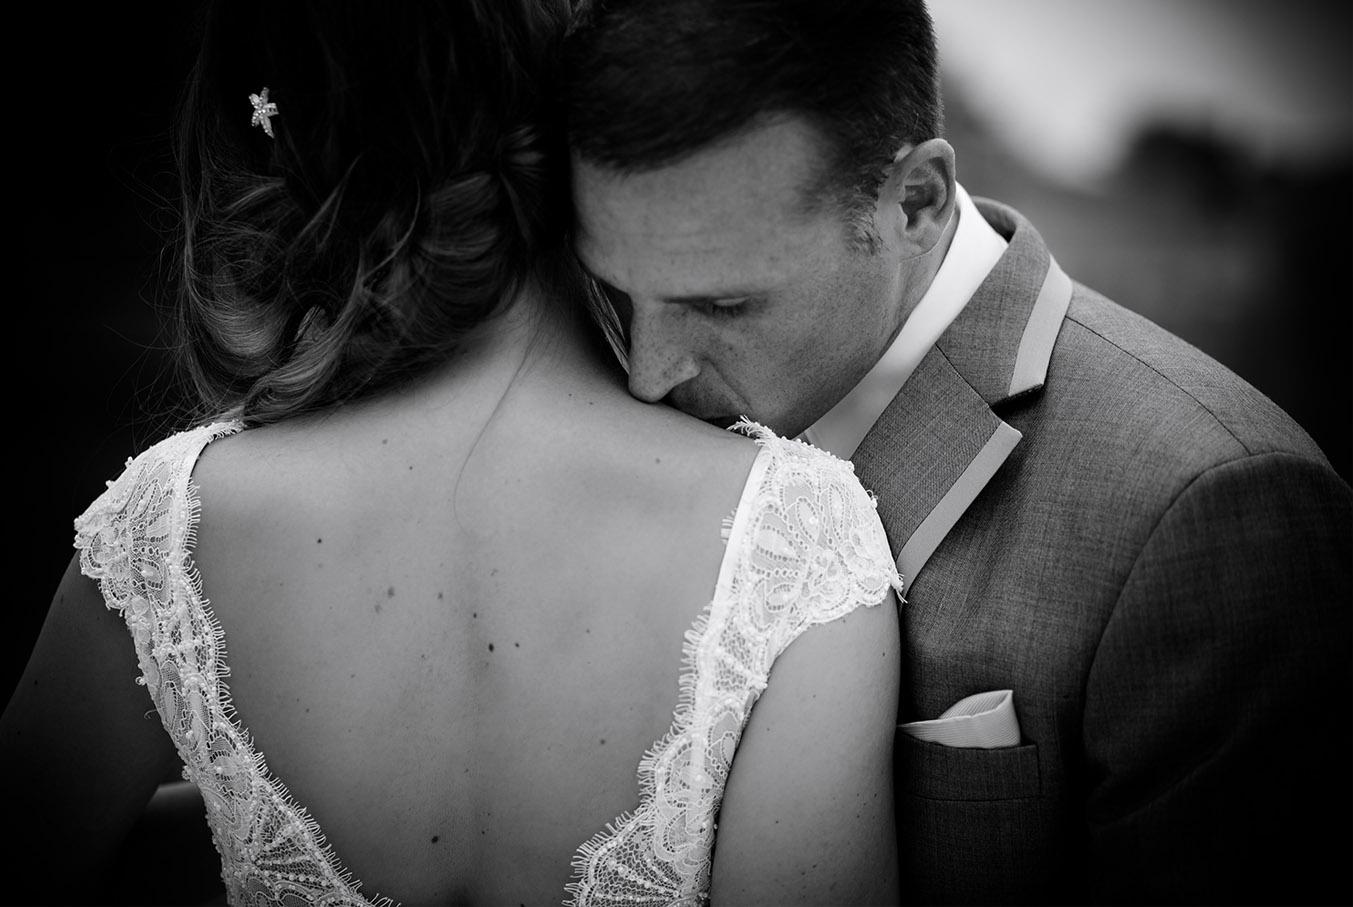 Vienna_Wien_Atzenbrugg_Hochzeit_Paar_Verlobung_Engagement_55